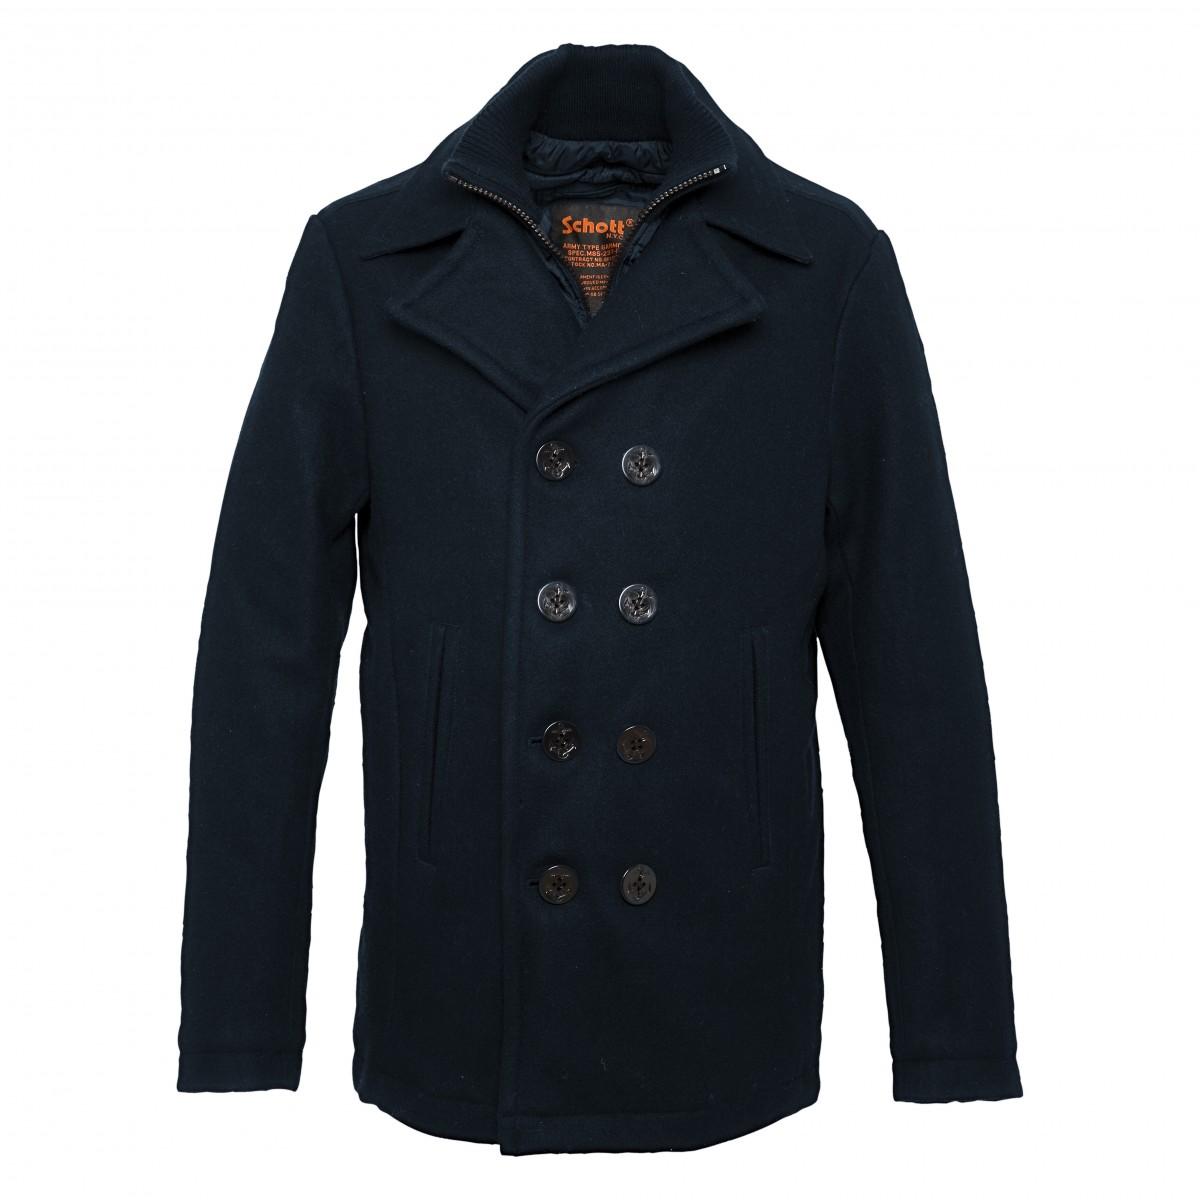 8ce2e053b03 Pea Coat – klasický kabát s námořnickými kořeny